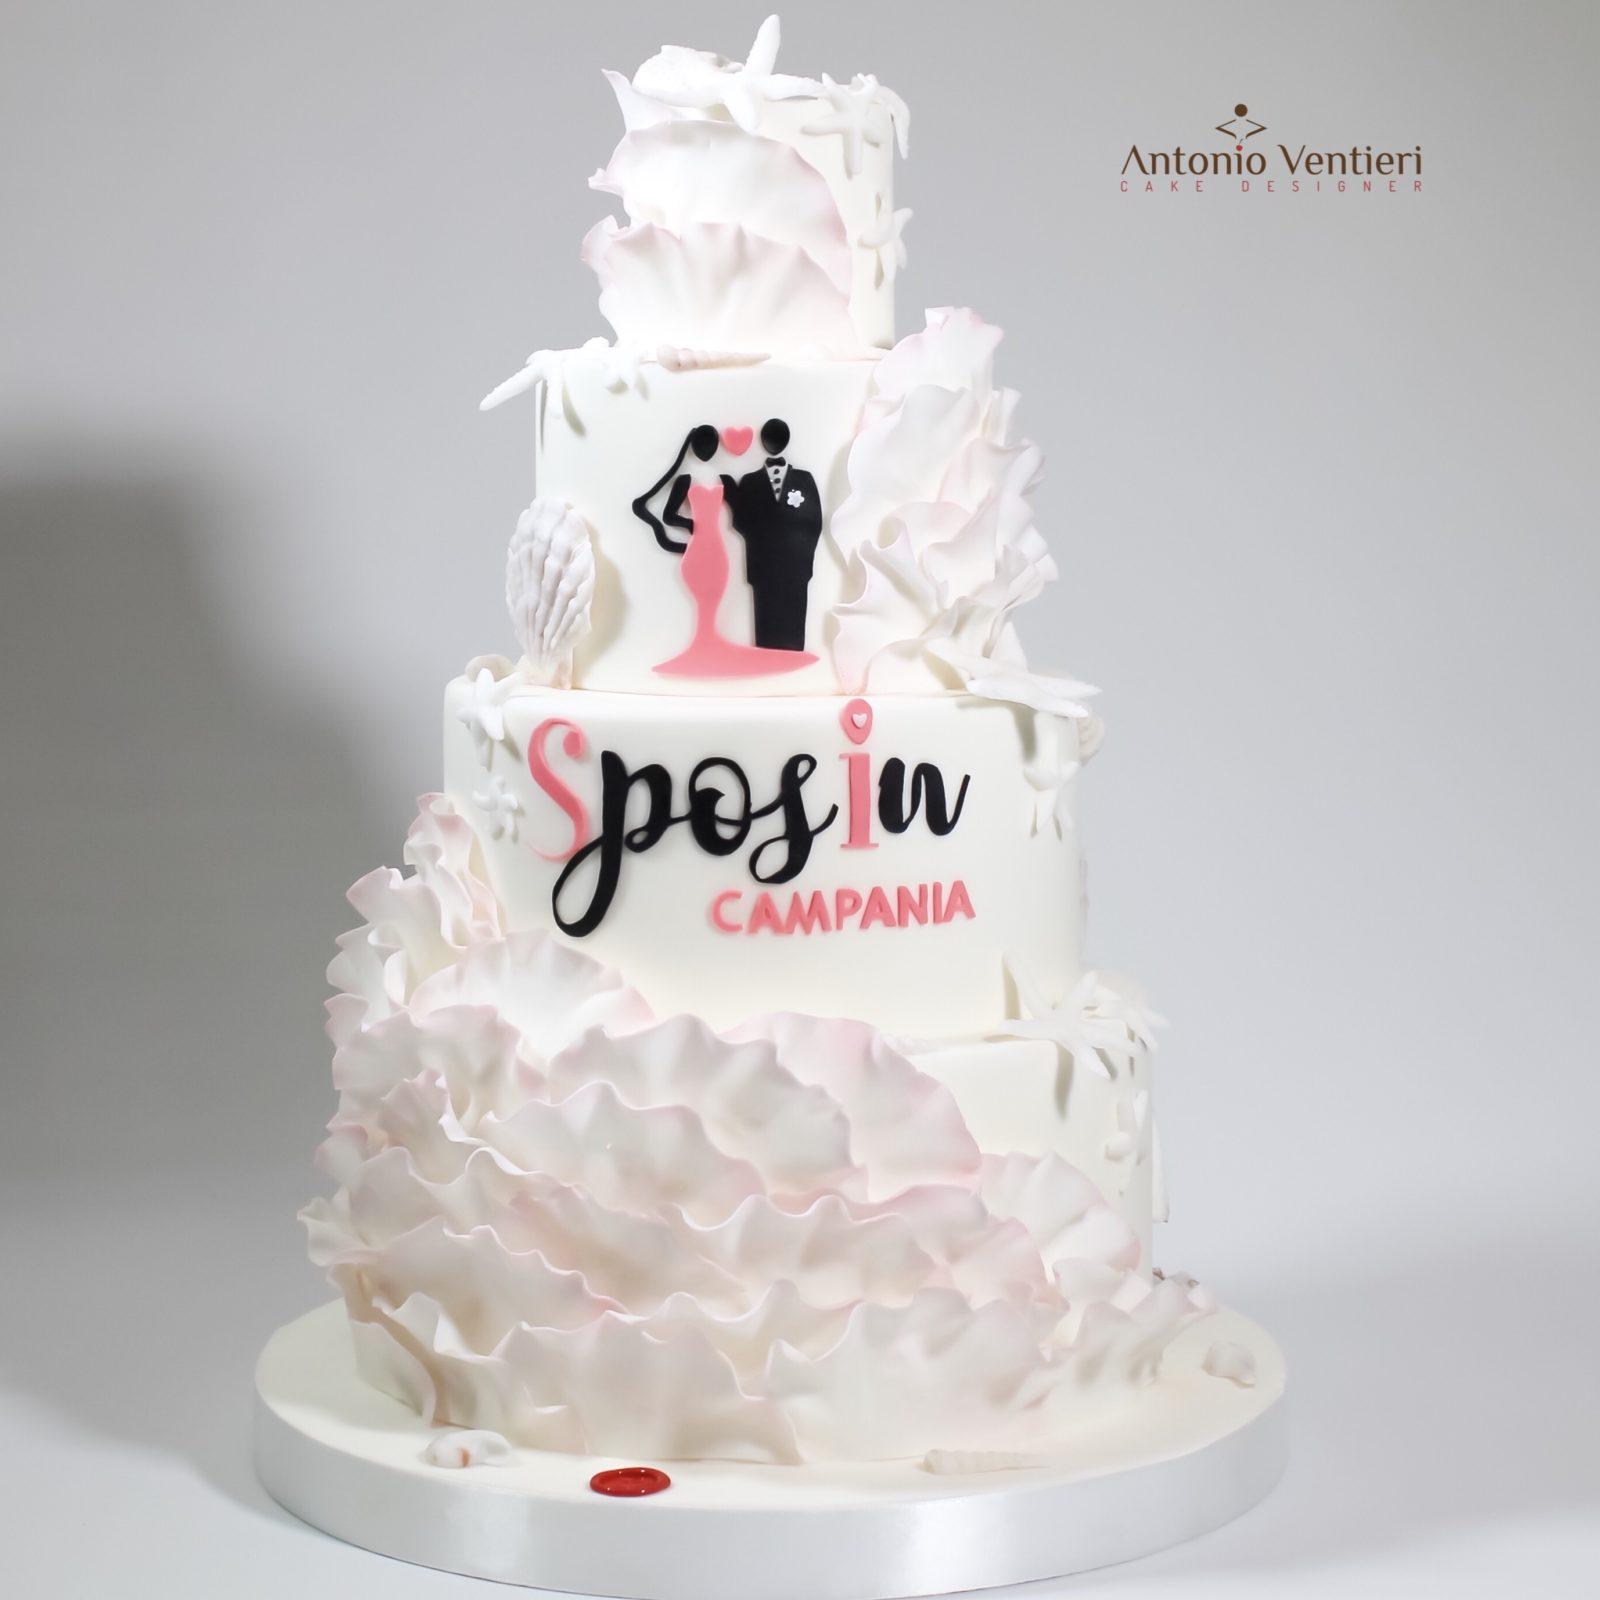 un anno sposincampania, antonio ventieri, cake design, sposincampania, torta sposincampania, antonio ventieri cake design, sposi campania, sposi in campania, matrimoni campania, matrimonio campania, torte campania, antonio ventieri cake design capaccio paestum